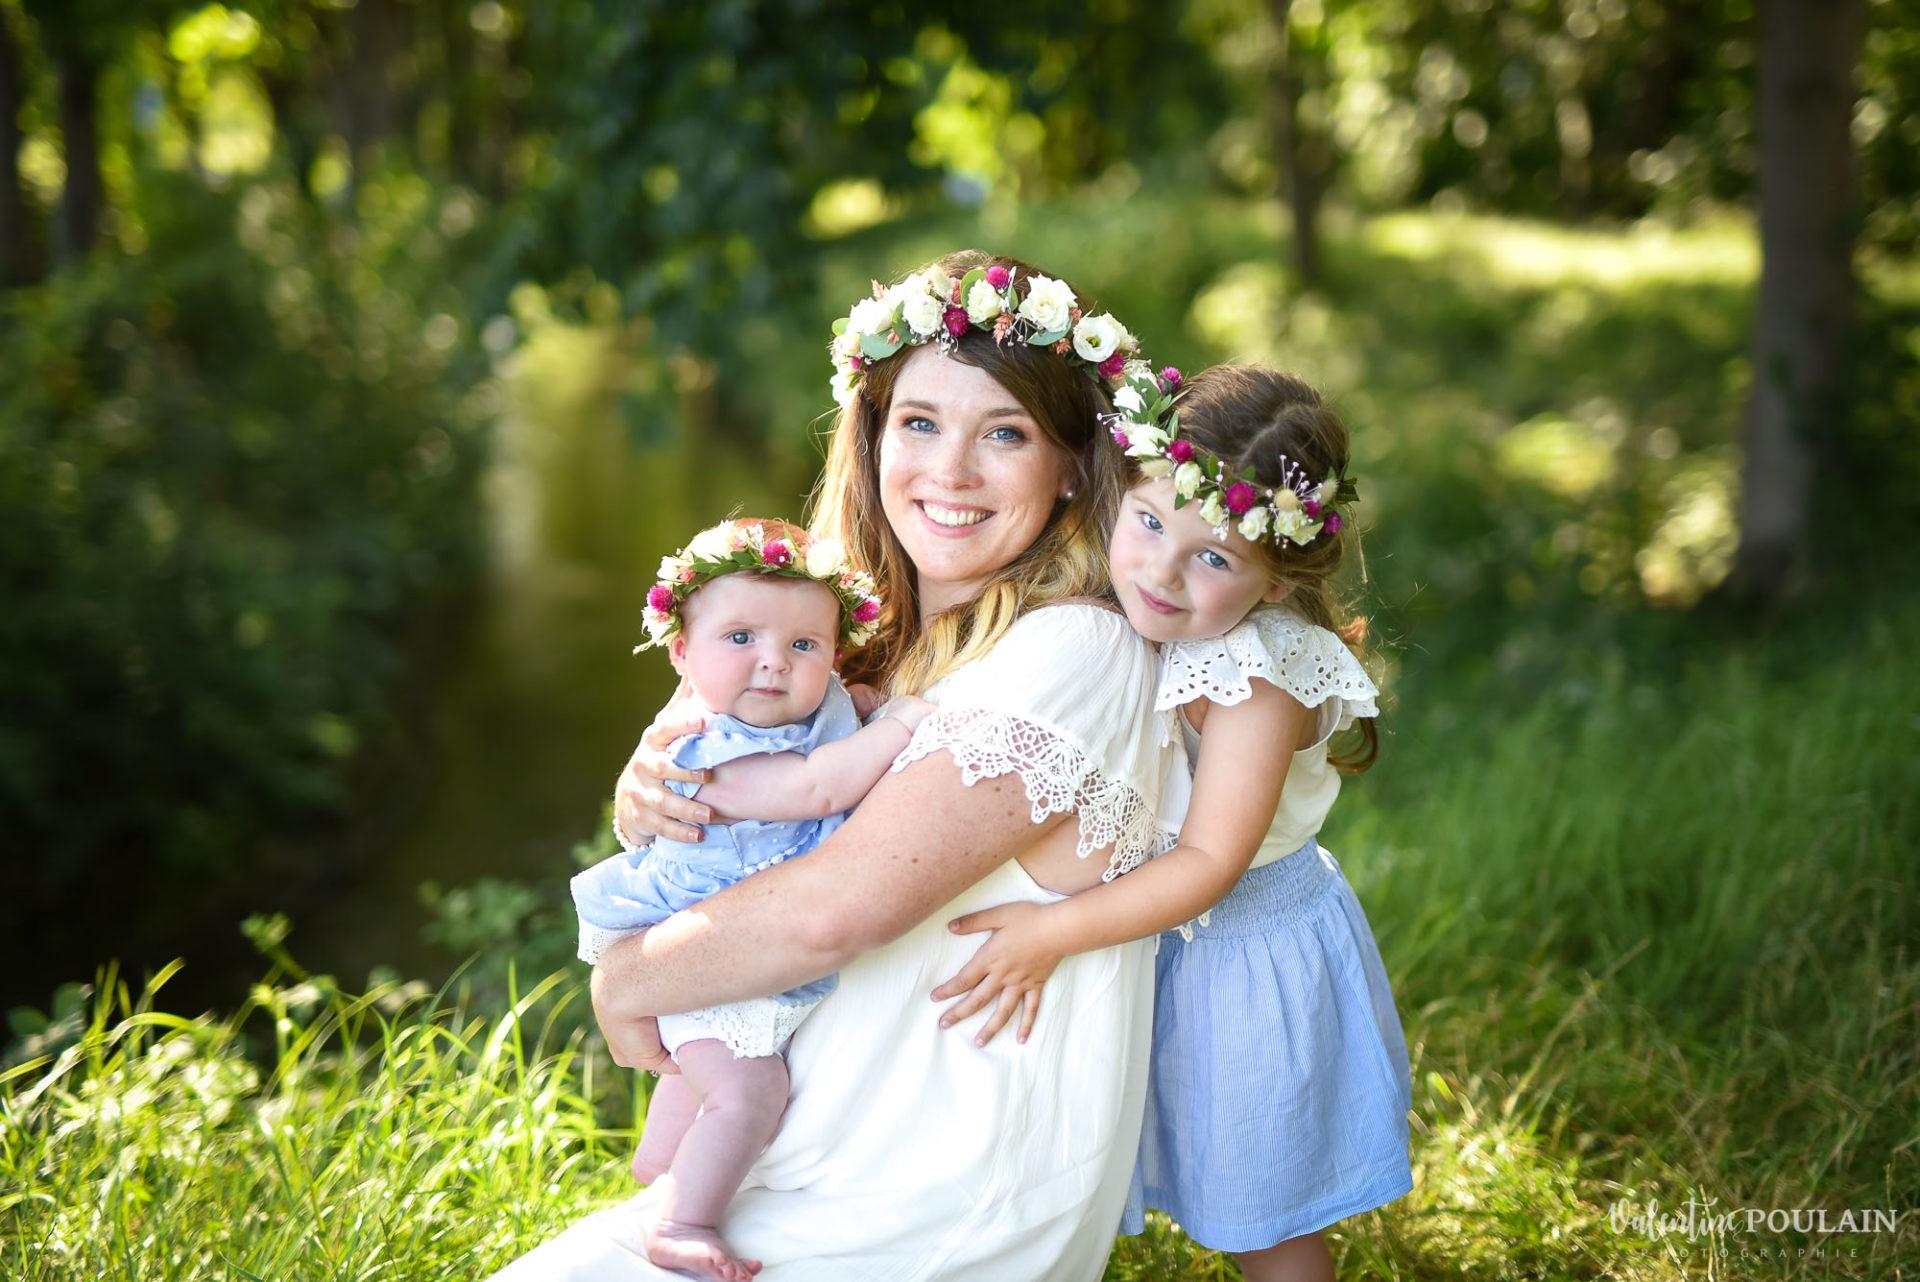 Shooting famille soeurs serre - Valentine Poulain mère filles